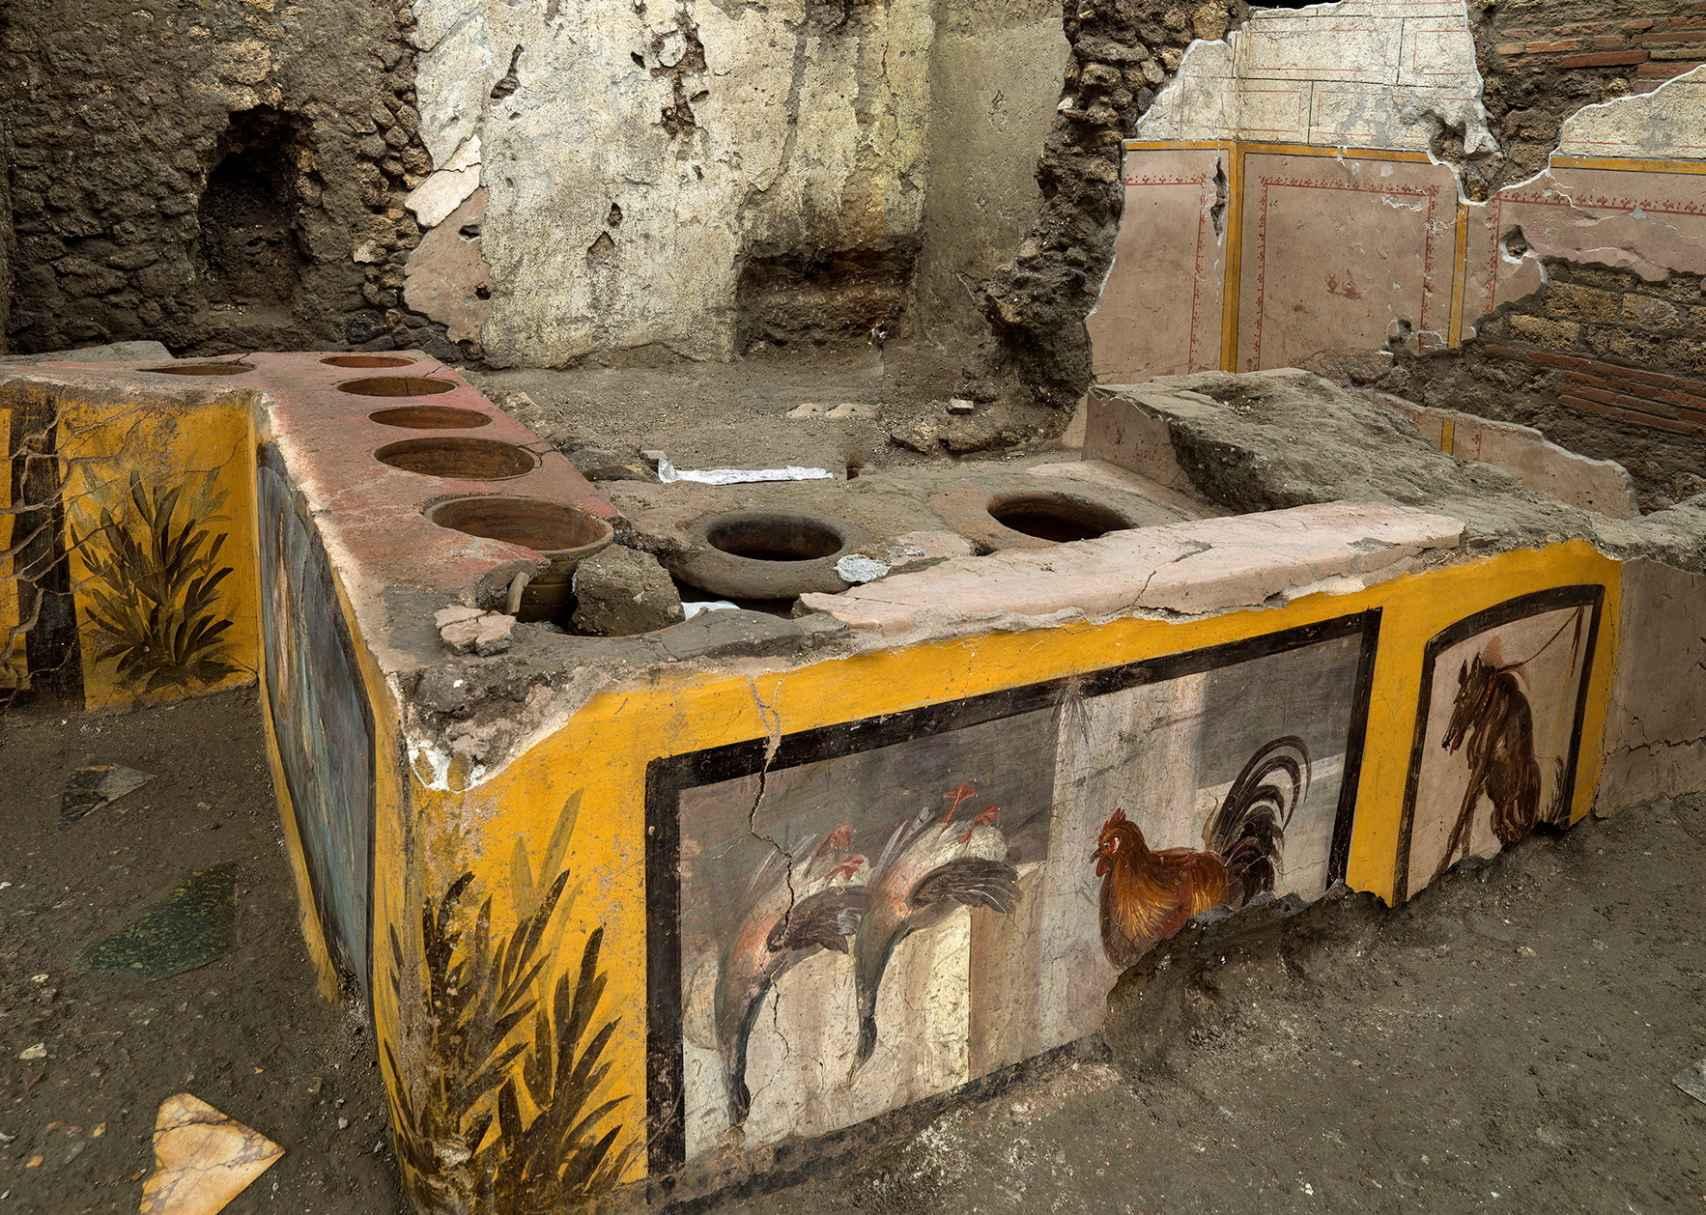 Otro de los mostradores del restaurante, con sus pinturas prácticamente intactas.